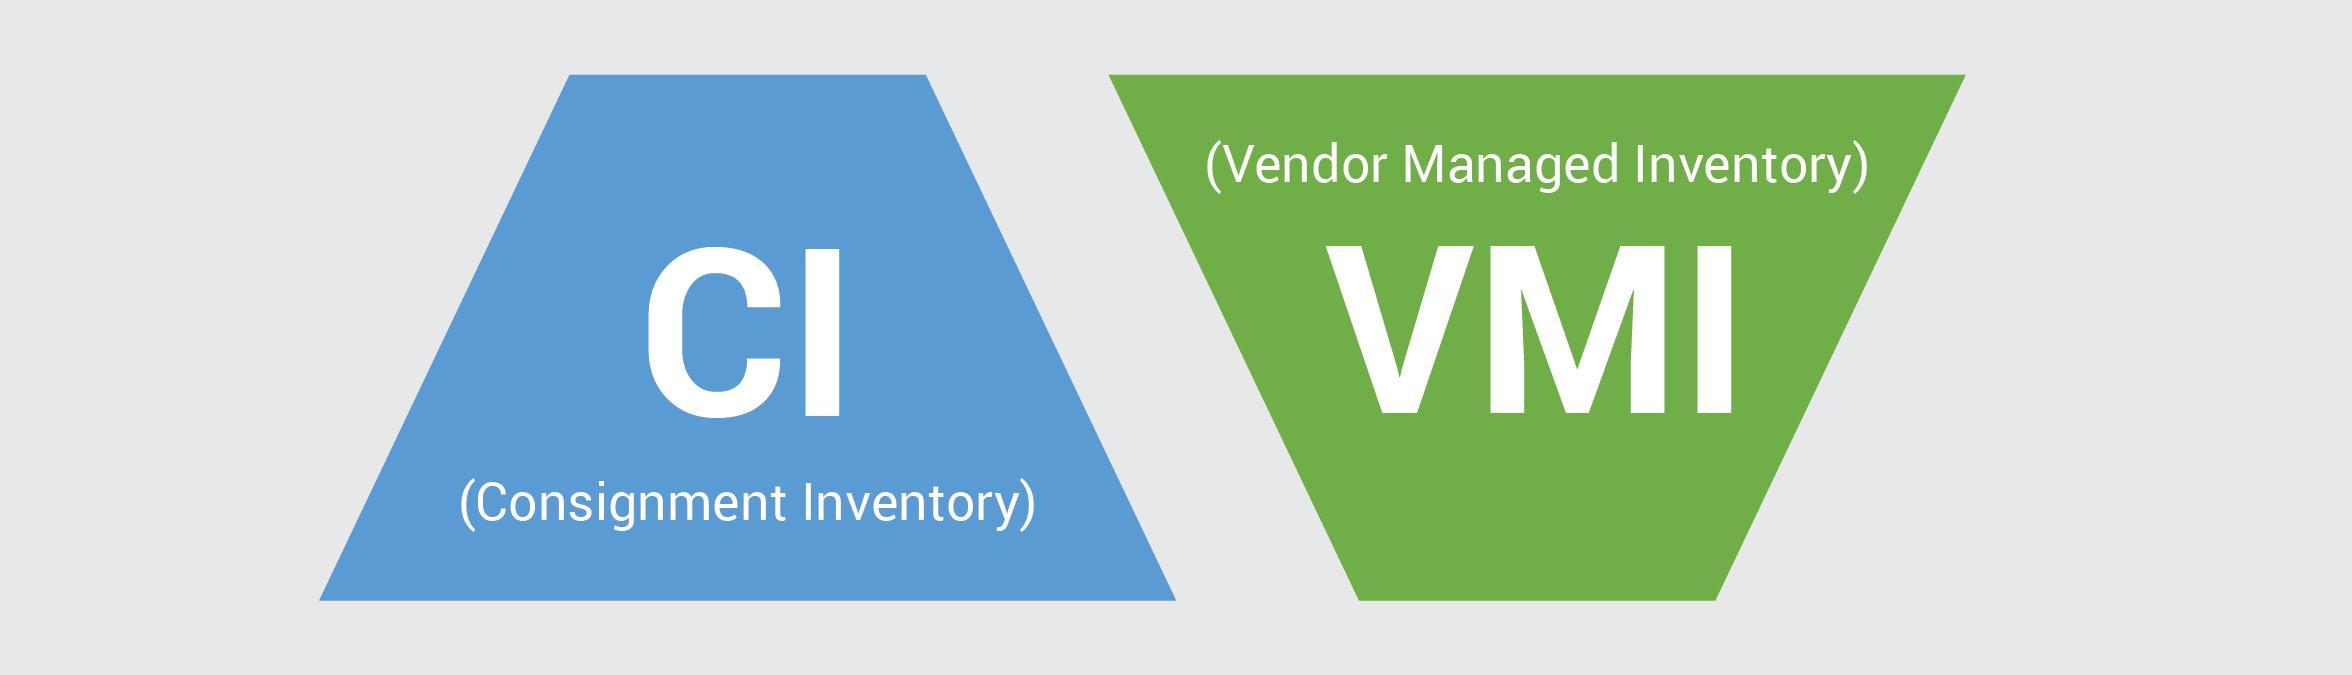 vmi-cs-erp-inventory-ax-02